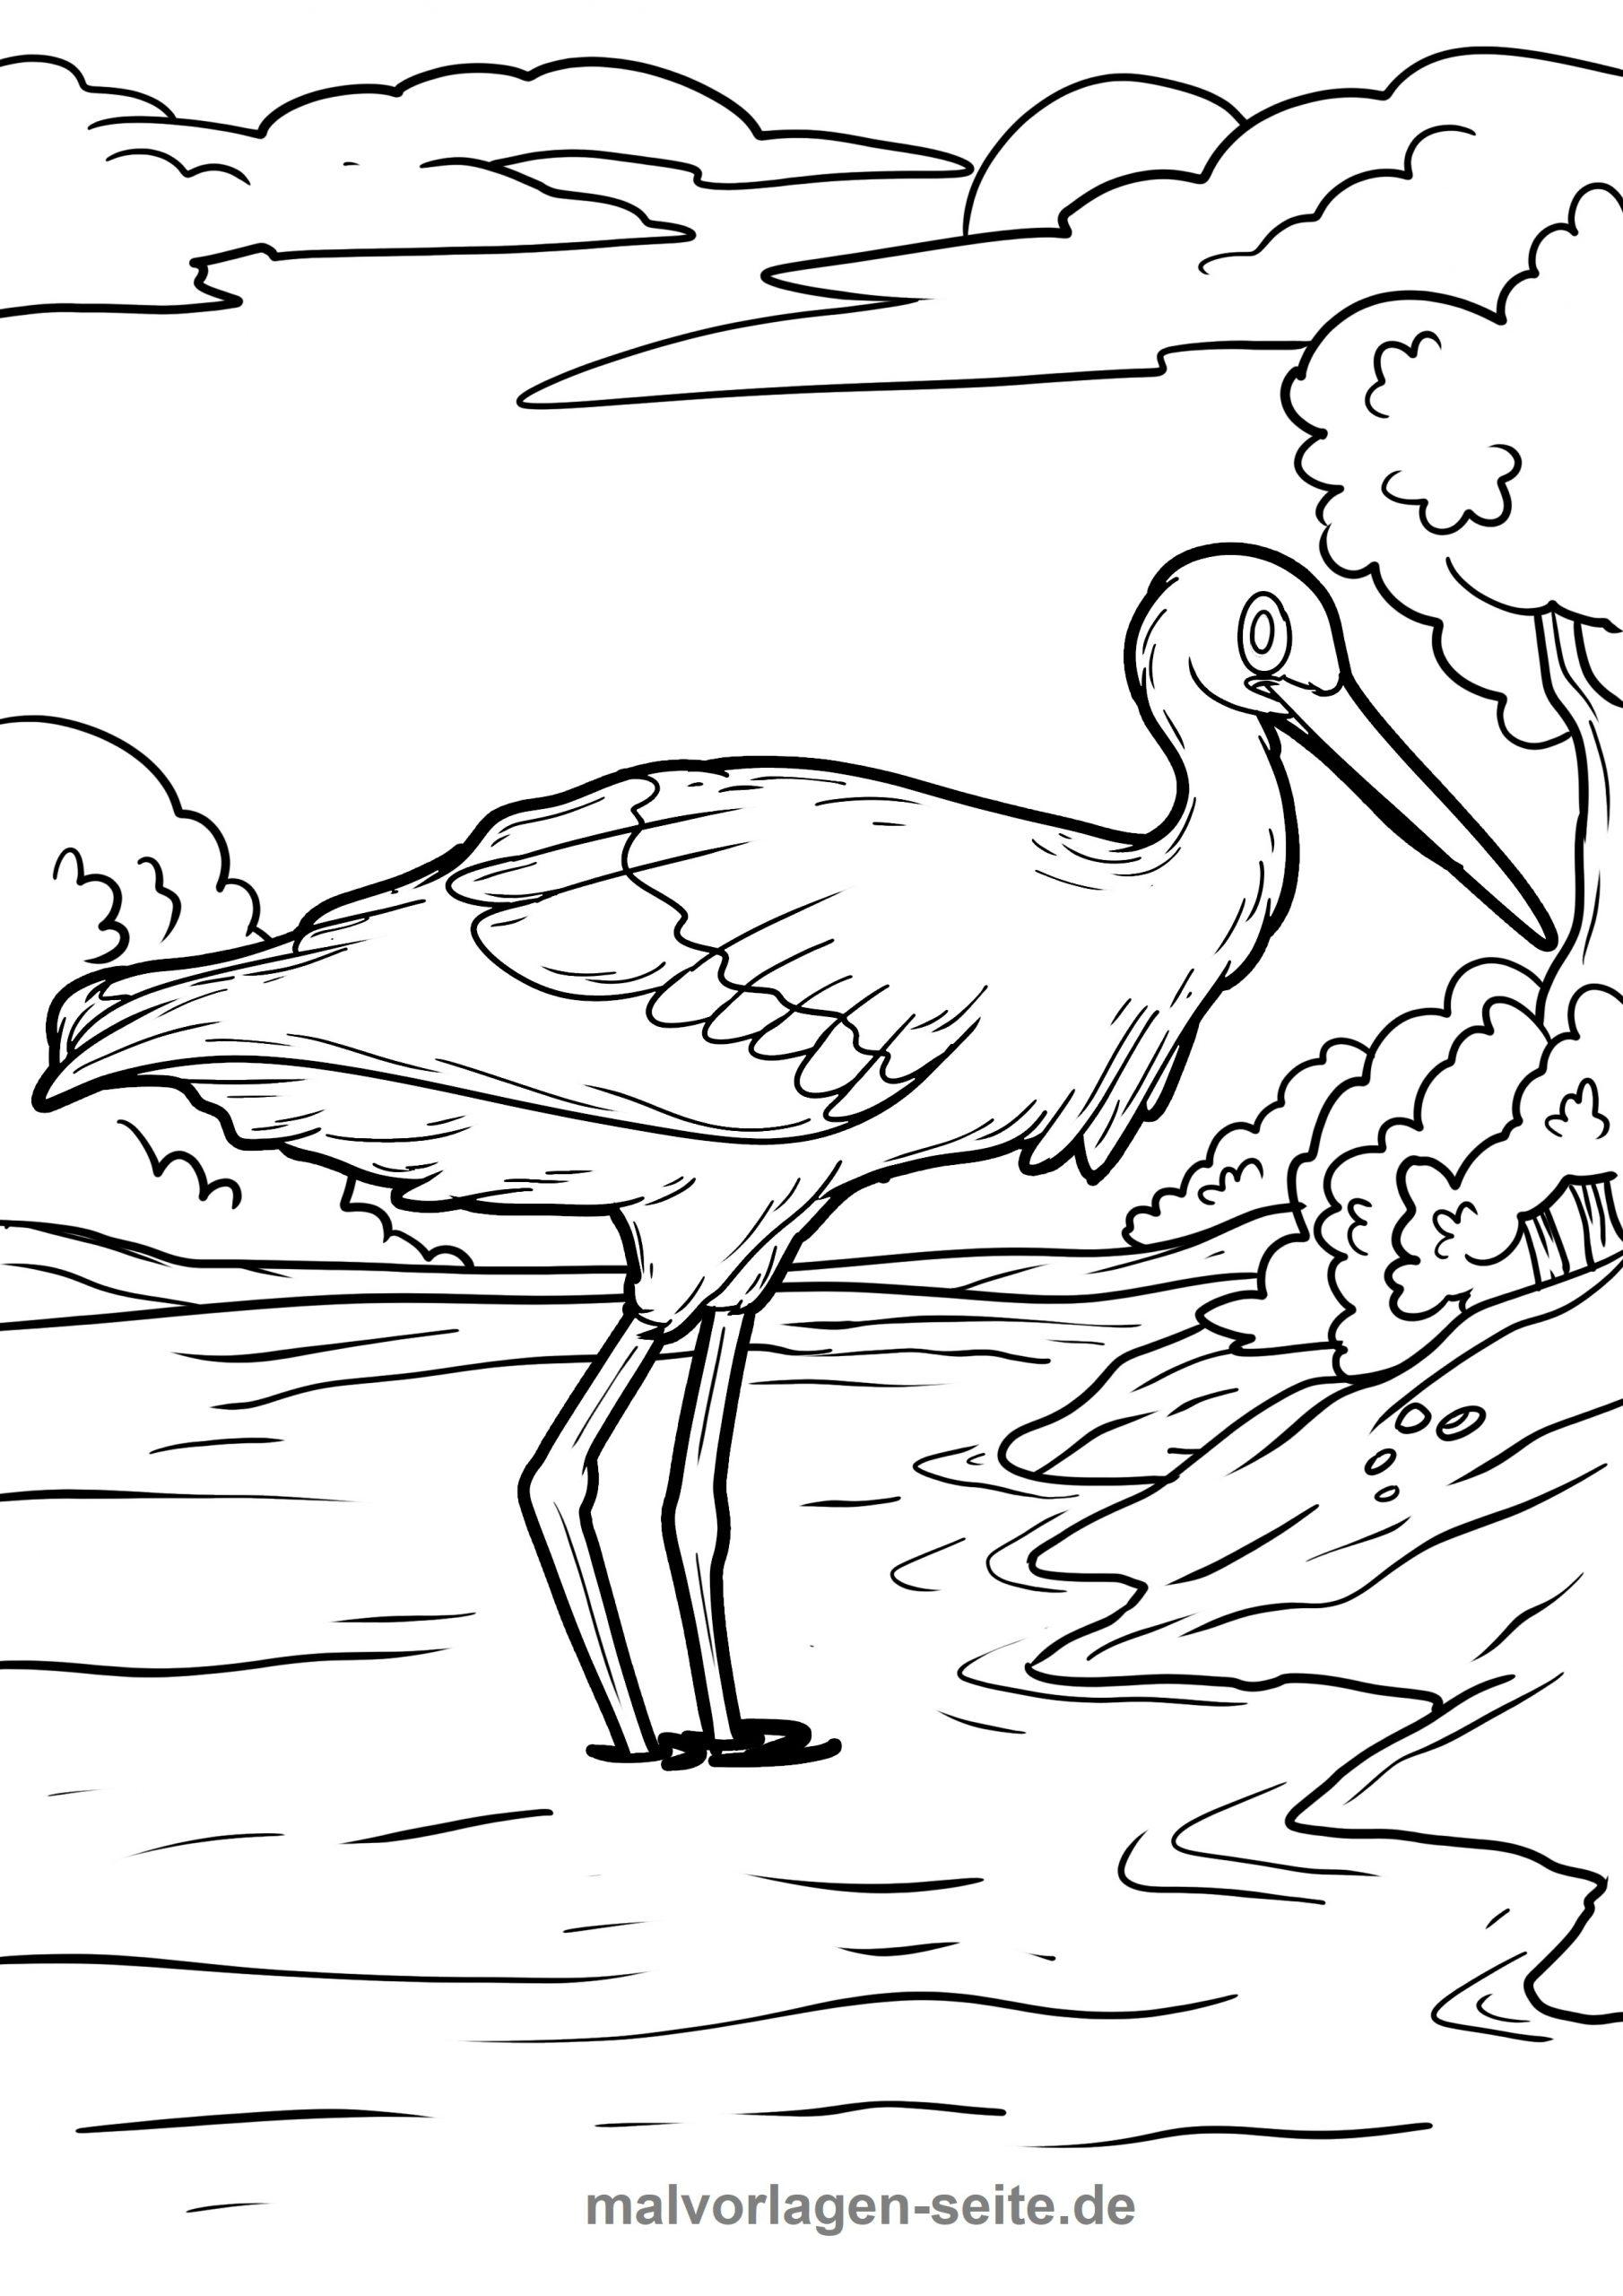 Malvorlage Storch | Tiere - Ausmalbilder Kostenlos Herunterladen über Storch Zum Ausmalen